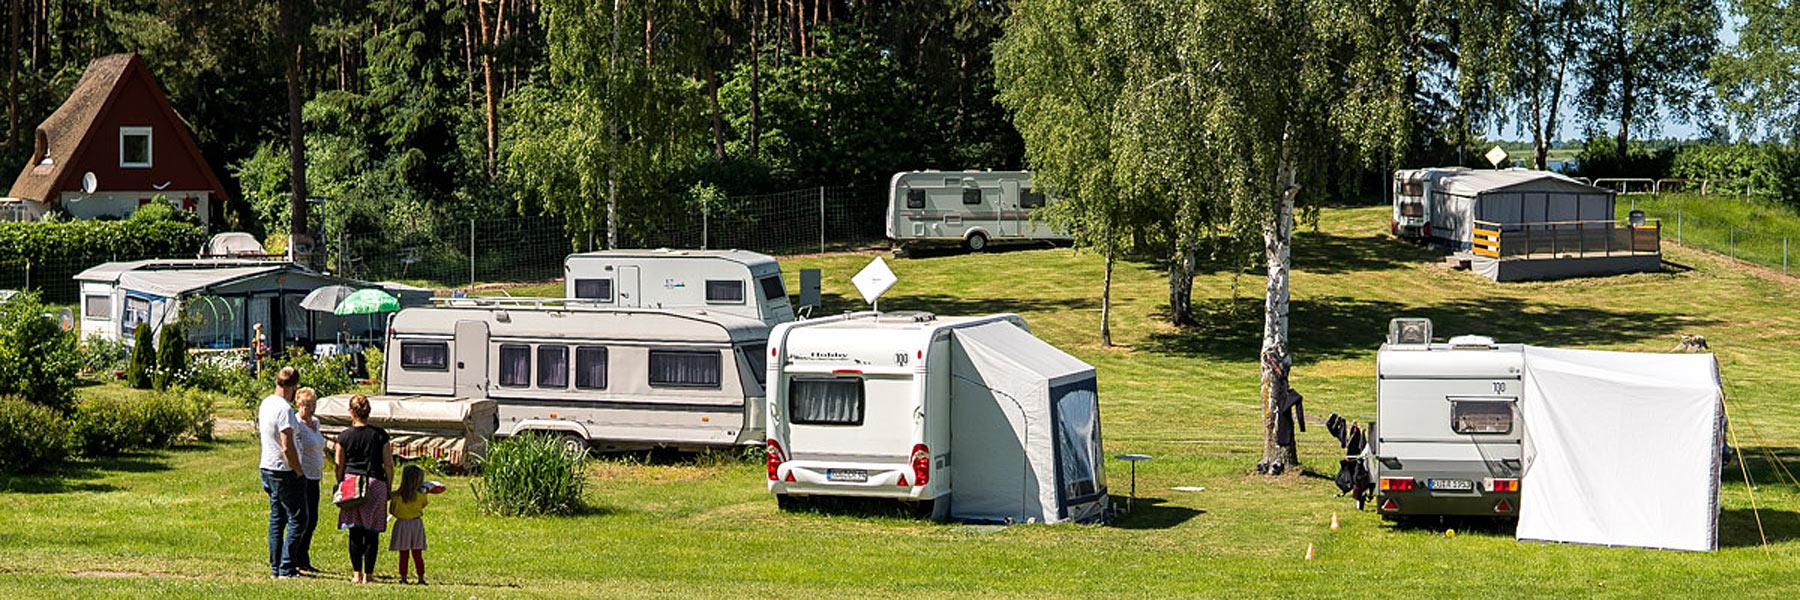 Zeltplatz - Campingplatz Stahlbrode